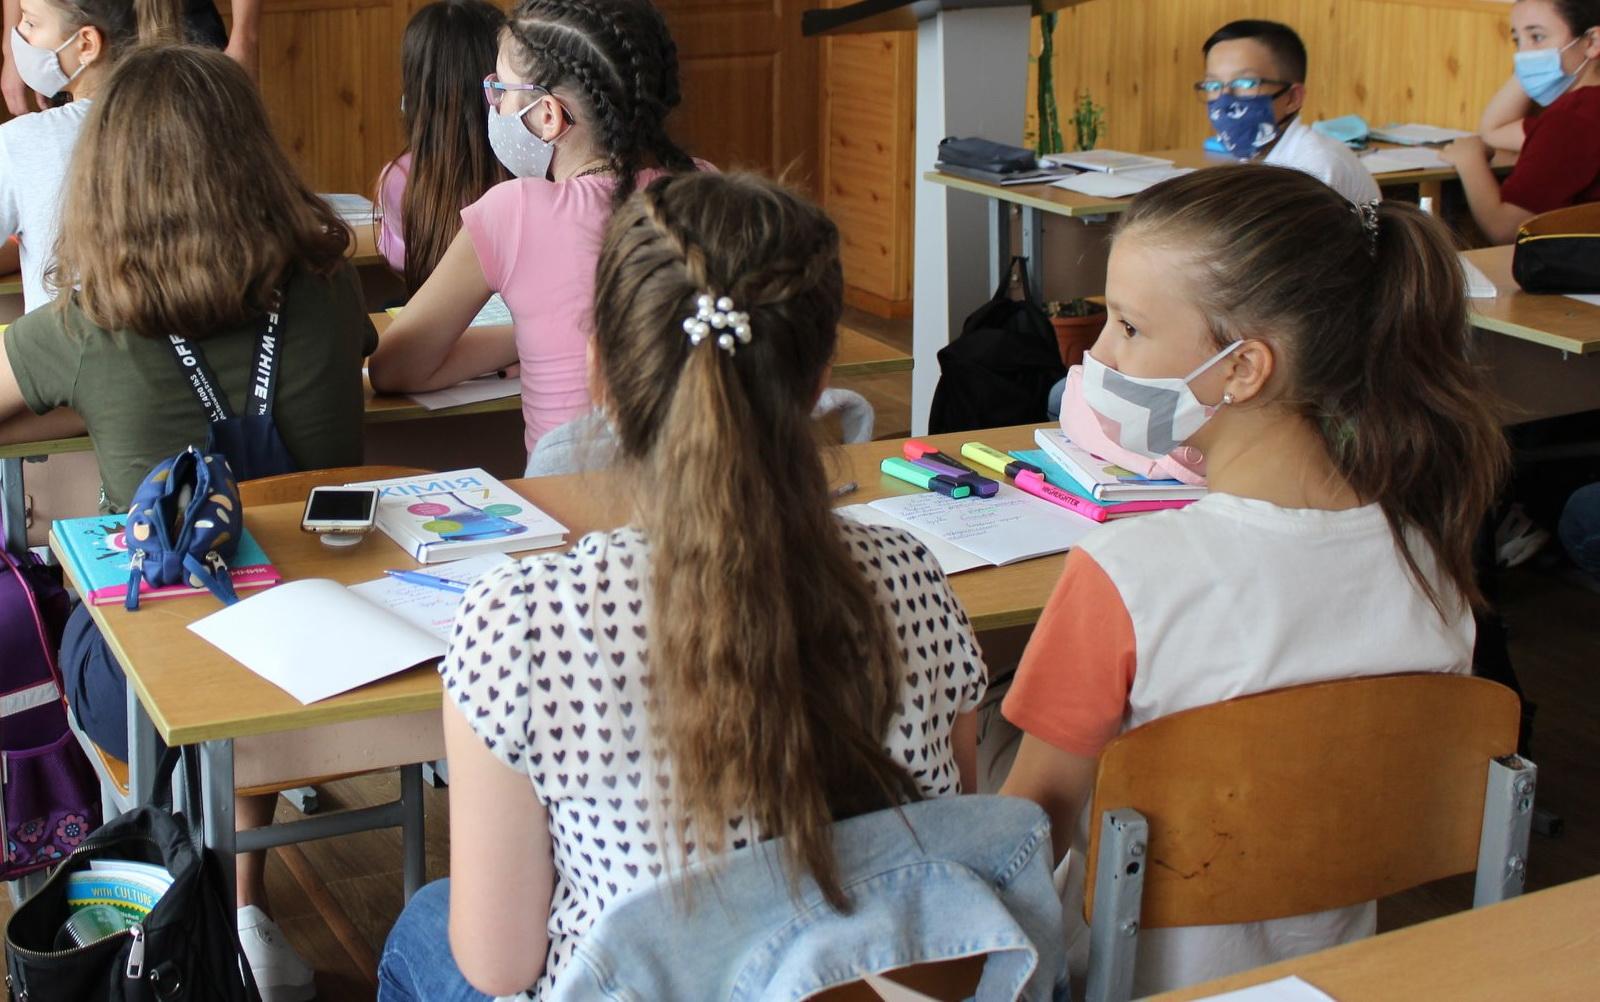 Більше сотні шкіл Київщини зачинені на карантин - Освіта, коронавірус, карантин - patrulna politsiya bts